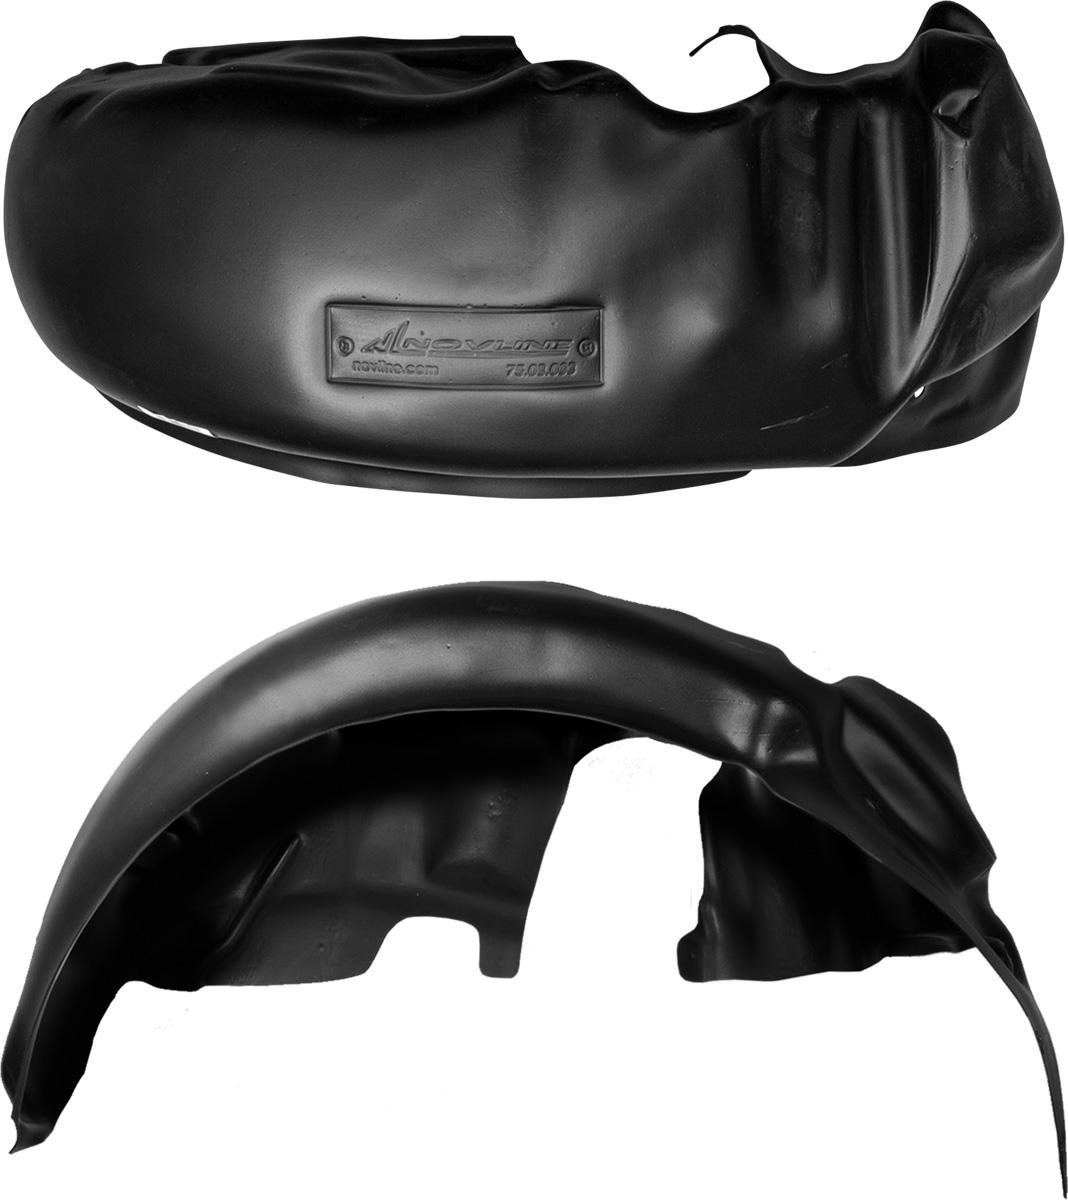 Подкрылок Novline-Autofamily, для Kia Rio, 2012-> хэтчбек, задний левыйNLL.25.39.003Колесные ниши - одни из самых уязвимых зон днища вашего автомобиля. Они постоянно подвергаются воздействию со стороны дороги. Лучшая, почти абсолютная защита для них - специально отформованные пластиковые кожухи, которые называются подкрылками. Производятся они как для отечественных моделей автомобилей, так и для иномарок. Подкрылки Novline-Autofamily выполнены из высококачественного, экологически чистого пластика. Обеспечивают надежную защиту кузова автомобиля от пескоструйного эффекта и негативного влияния, агрессивных антигололедных реагентов. Пластик обладает более низкой теплопроводностью, чем металл, поэтому в зимний период эксплуатации использование пластиковых подкрылков позволяет лучше защитить колесные ниши от налипания снега и образования наледи. Оригинальность конструкции подчеркивает элегантность автомобиля, бережно защищает нанесенное на днище кузова антикоррозийное покрытие и позволяет осуществить крепление подкрылков внутри колесной арки практически без...